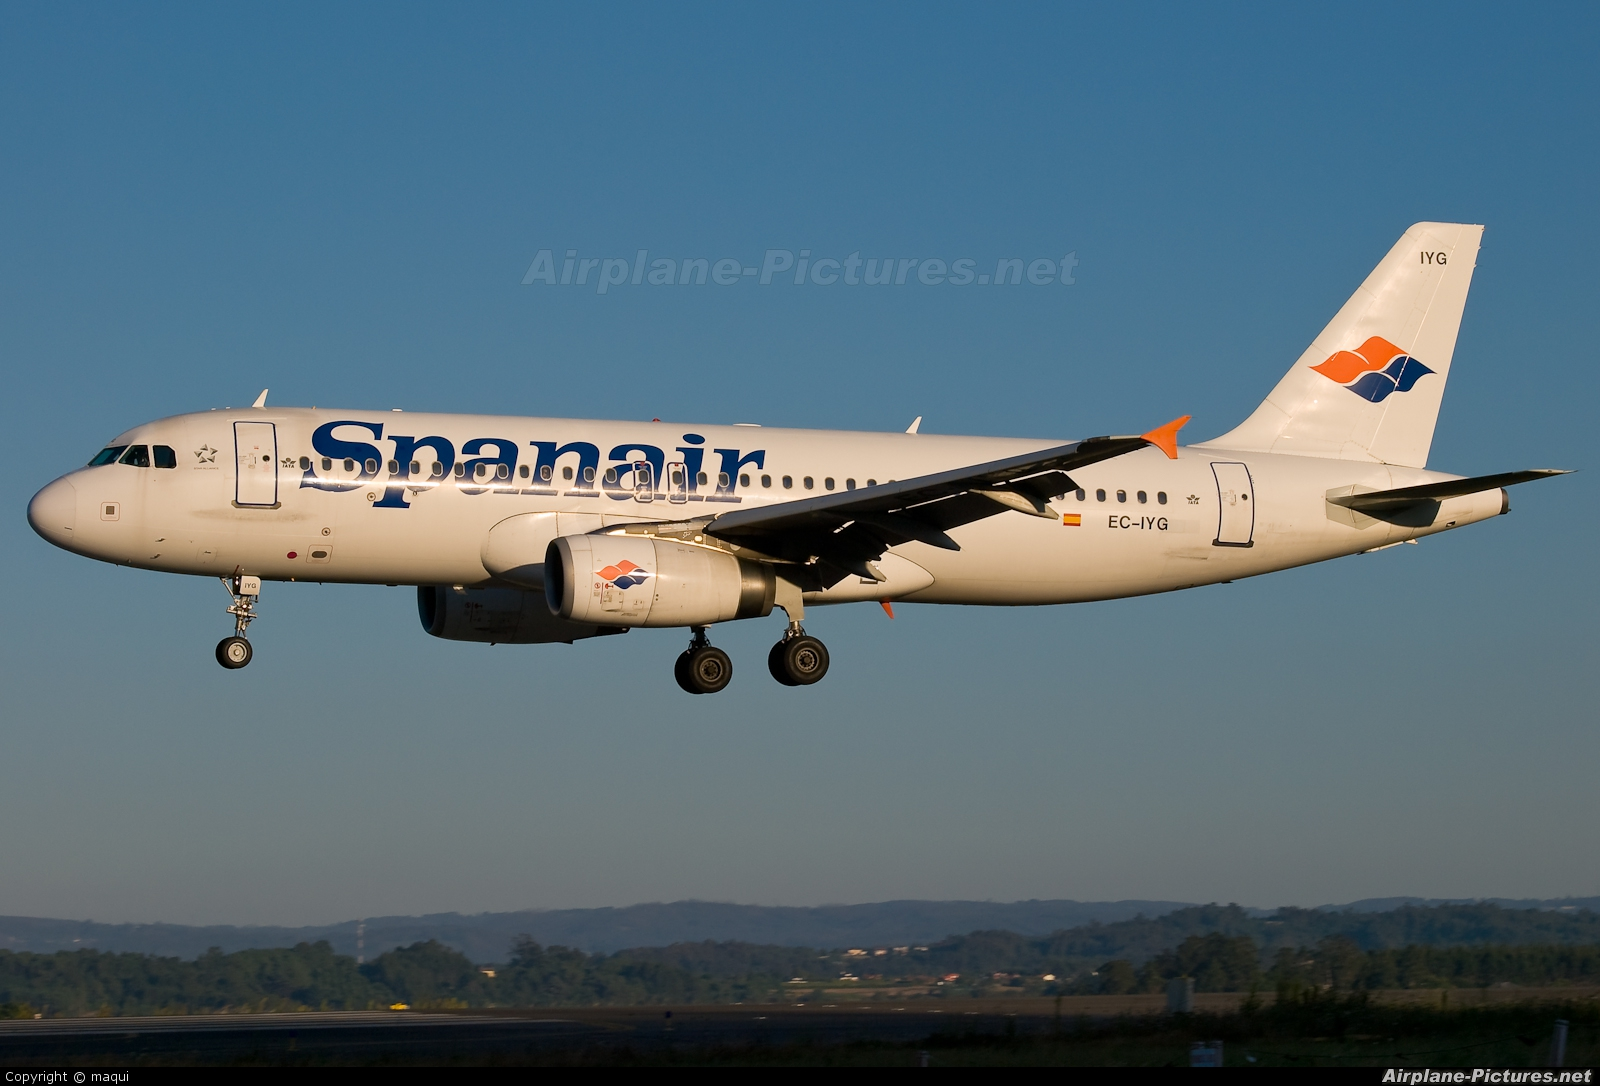 Spanair EC-IYG aircraft at La Coruña